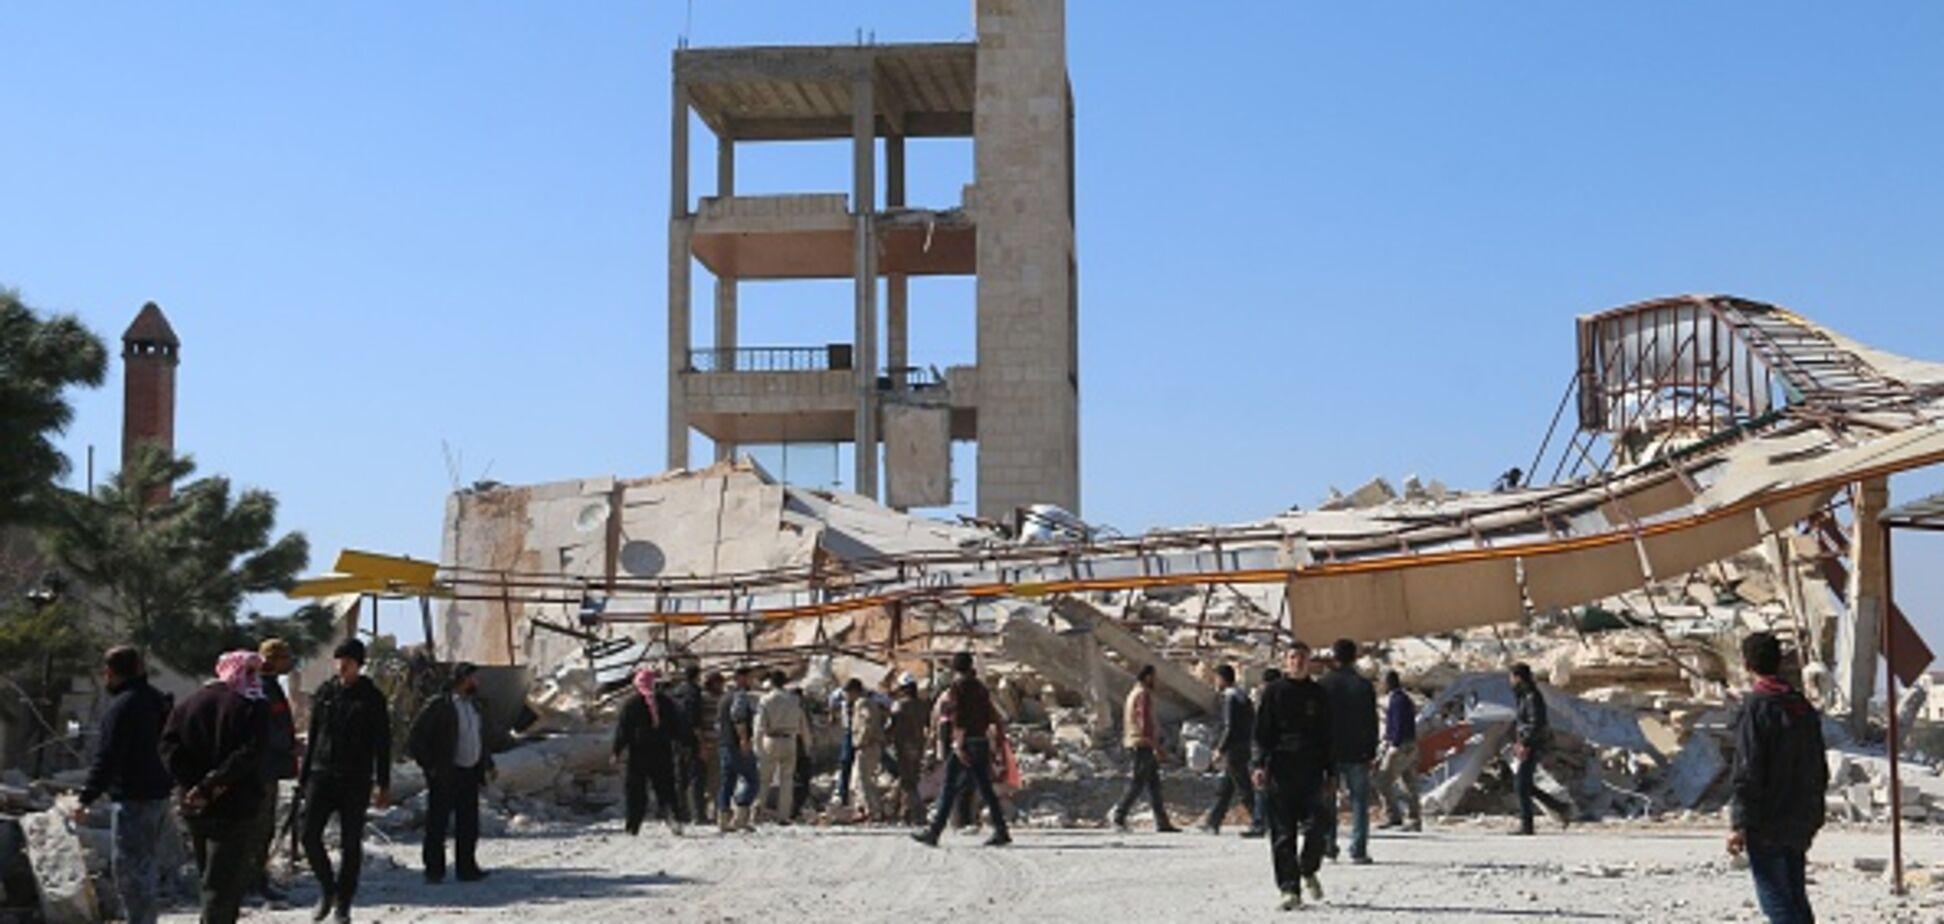 Російські бомбардування в Сирії: загинули десятки людей, включаючи дітей